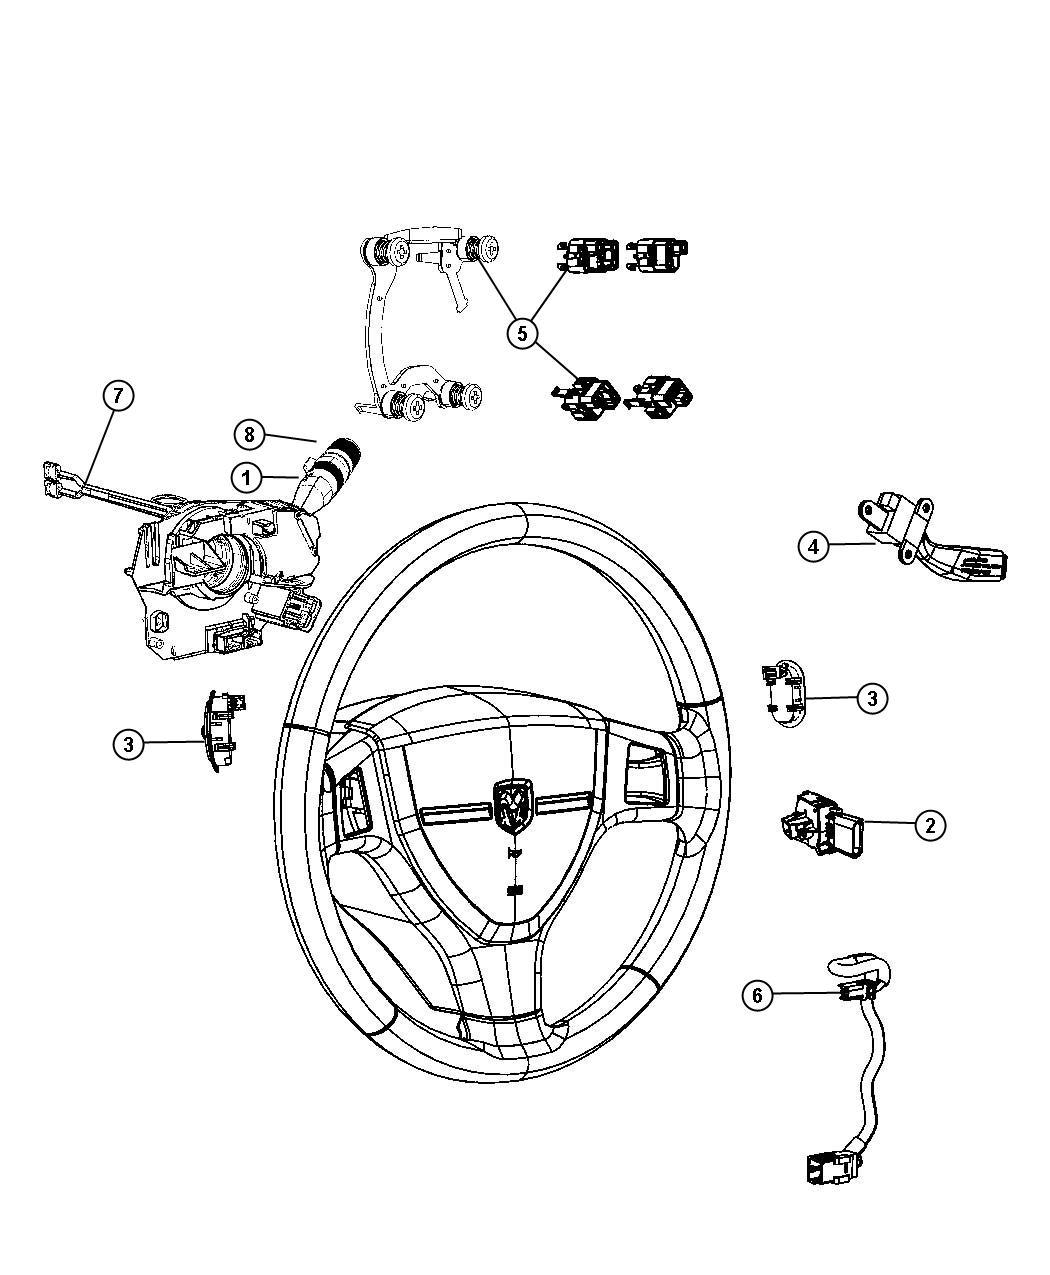 2009 Dodge Caliber Switch. Horn. [scv, nhm, rdz], after 08